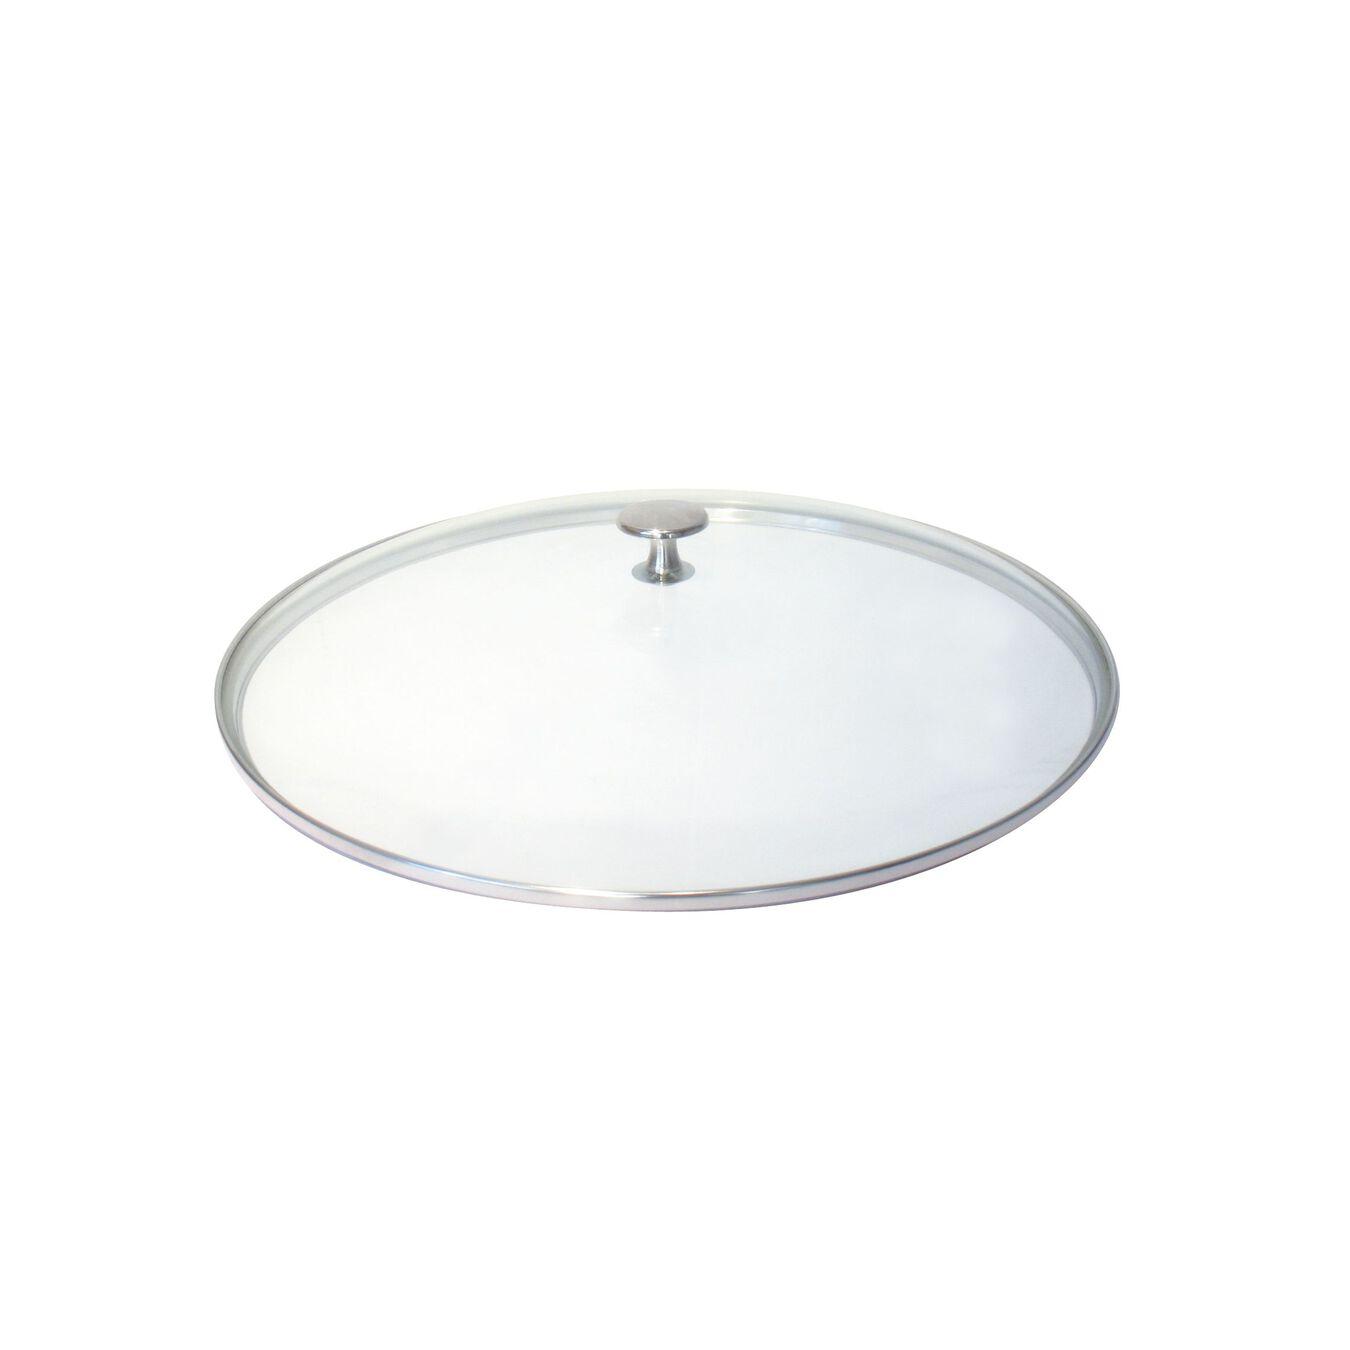 Couvercle, 30 cm | Rond(e) | Verre | Transparent,,large 1